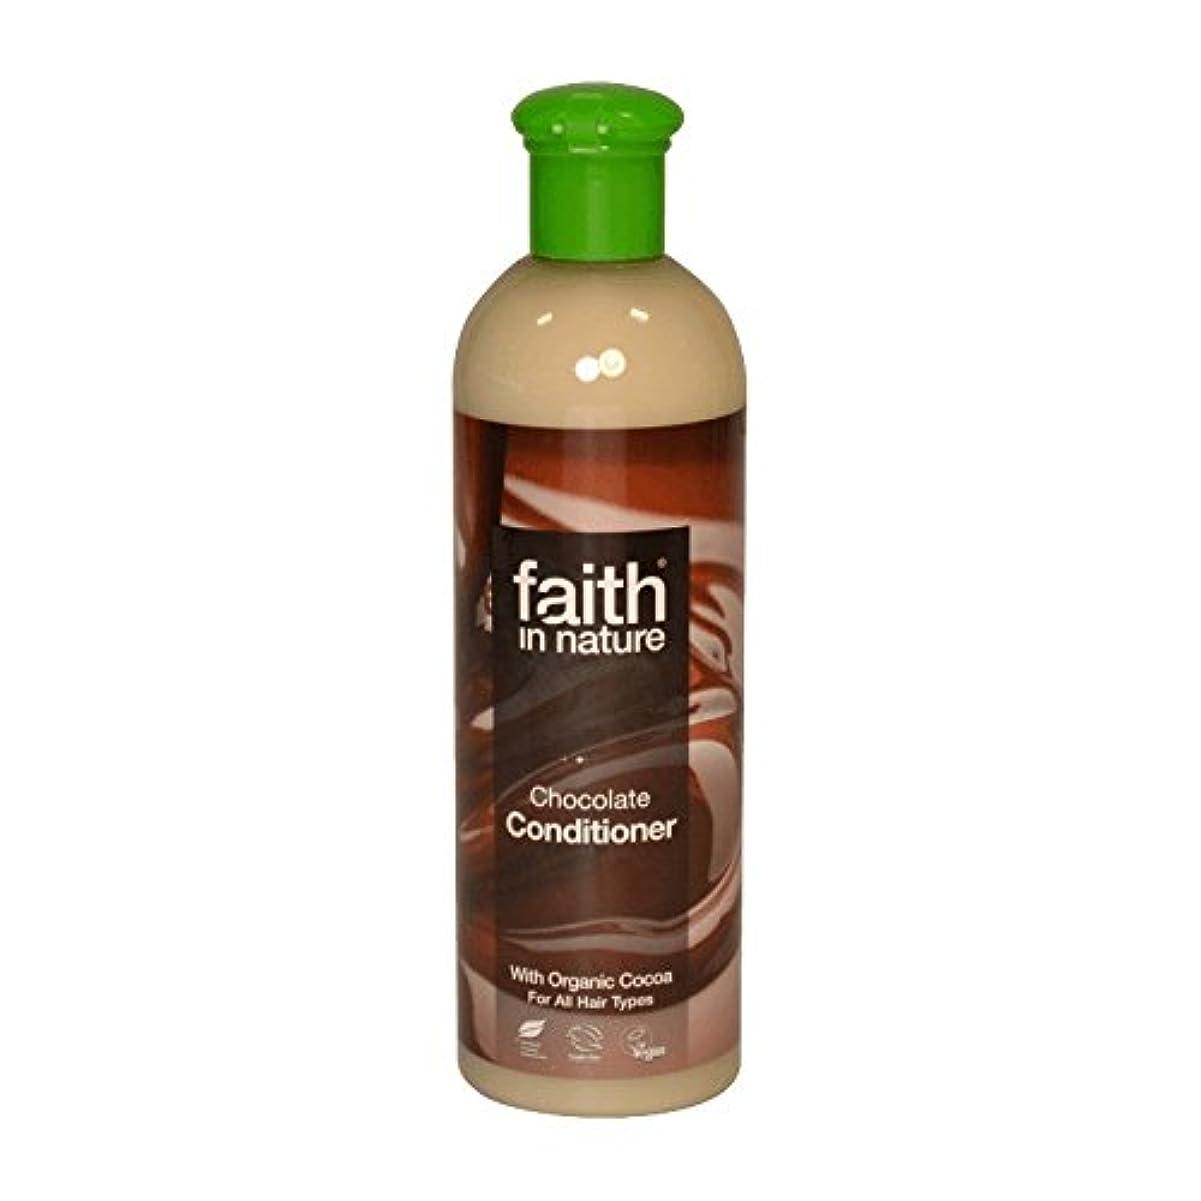 突破口パン屋見えない自然チョコレートコンディショナー400ミリリットルの信仰 - Faith In Nature Chocolate Conditioner 400ml (Faith in Nature) [並行輸入品]